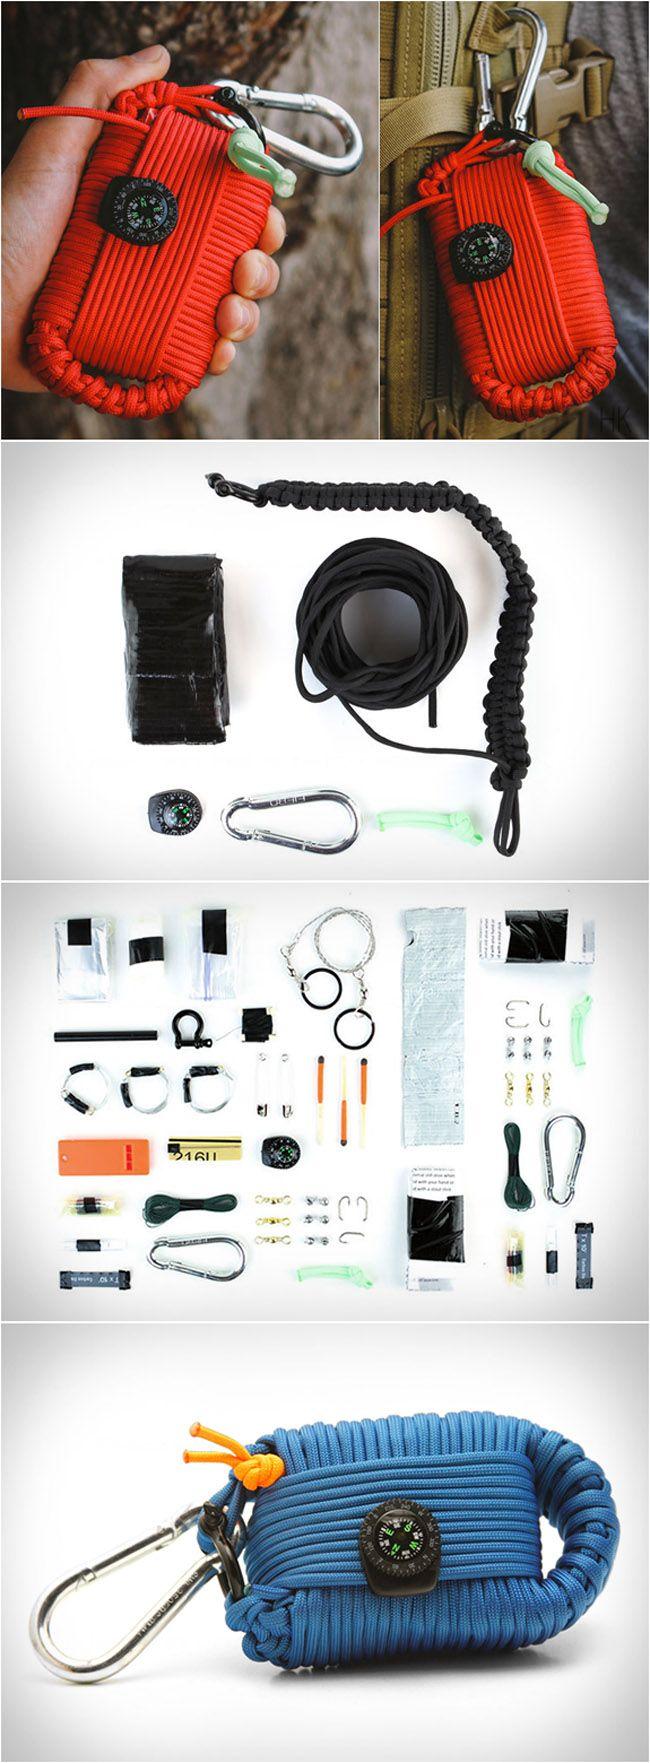 SURVIVAL GRENADE   BY ZAPS GEAR http://www.blessthisstuff.com/stuff/wear/acessories/survival-grenade-by-zaps-gear/